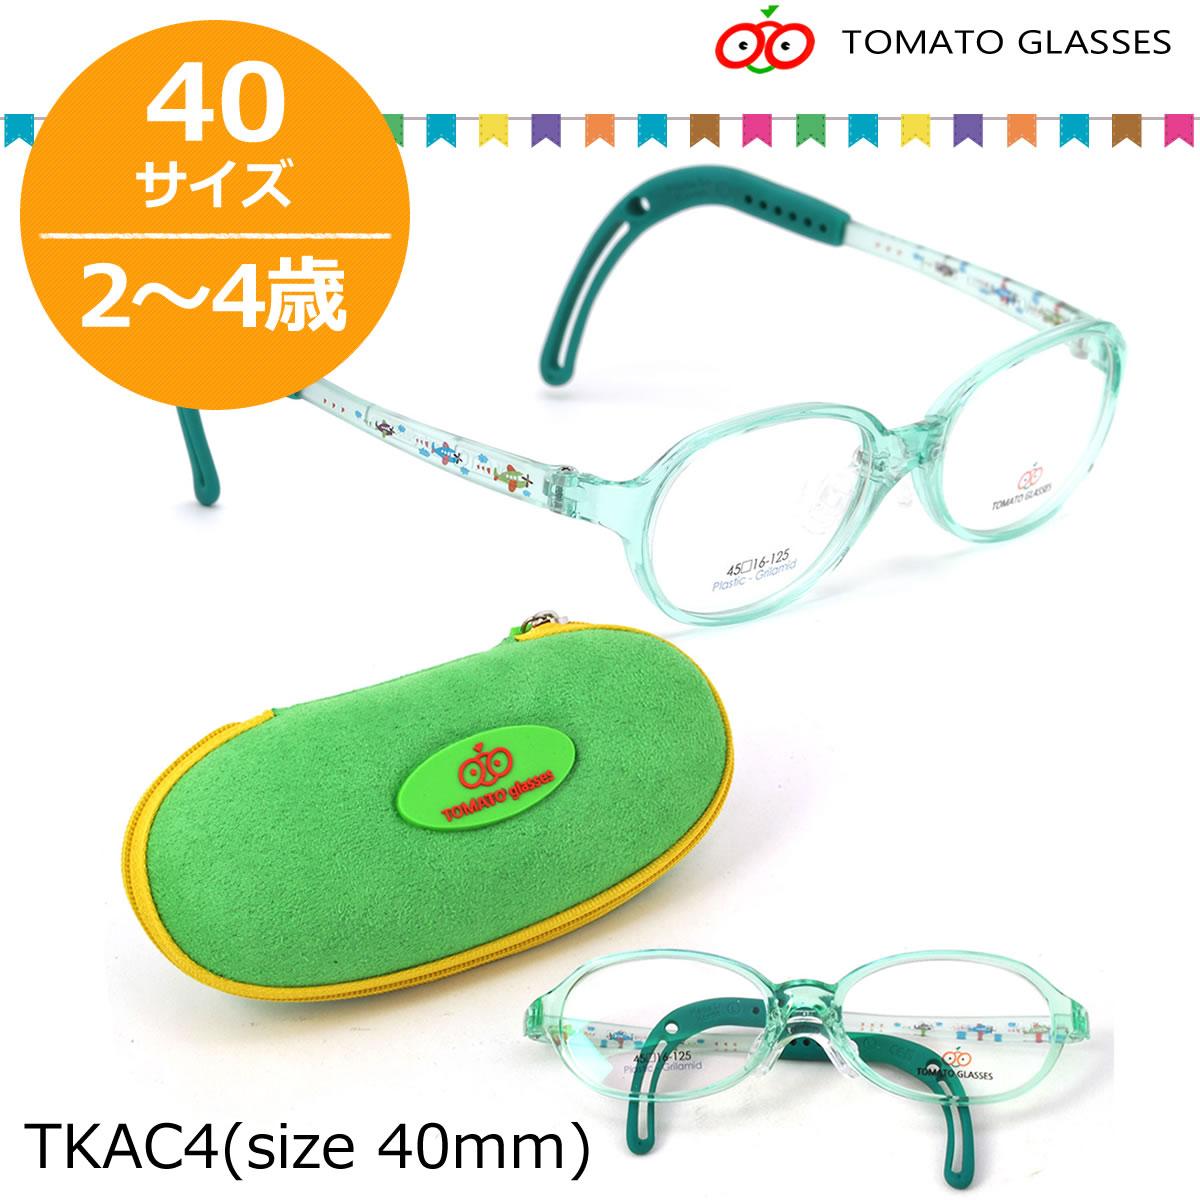 ほぼ全品ポイント15倍~最大43倍+3倍!お得なクーポンも! 【TOMATO GLASSES】(トマトグラッシーズ) キッズ用メガネ メガネ フレーム TKAC 4 40サイズ オシャレ おしゃれ おすすめ 可愛い 安全 安心 キッズA 軽量 柔らかい 2歳~4歳